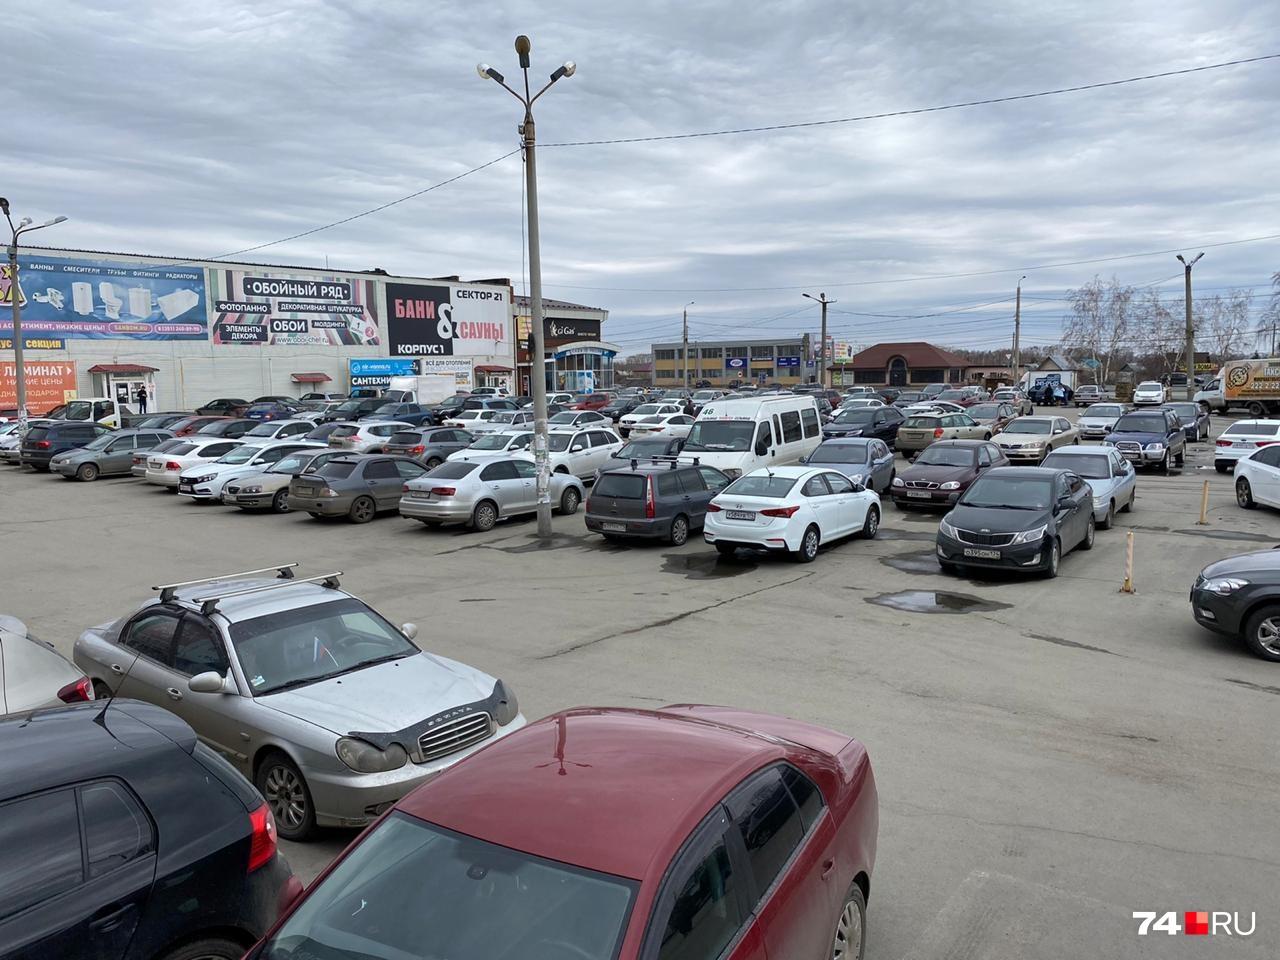 Парковка строительного рынка забита